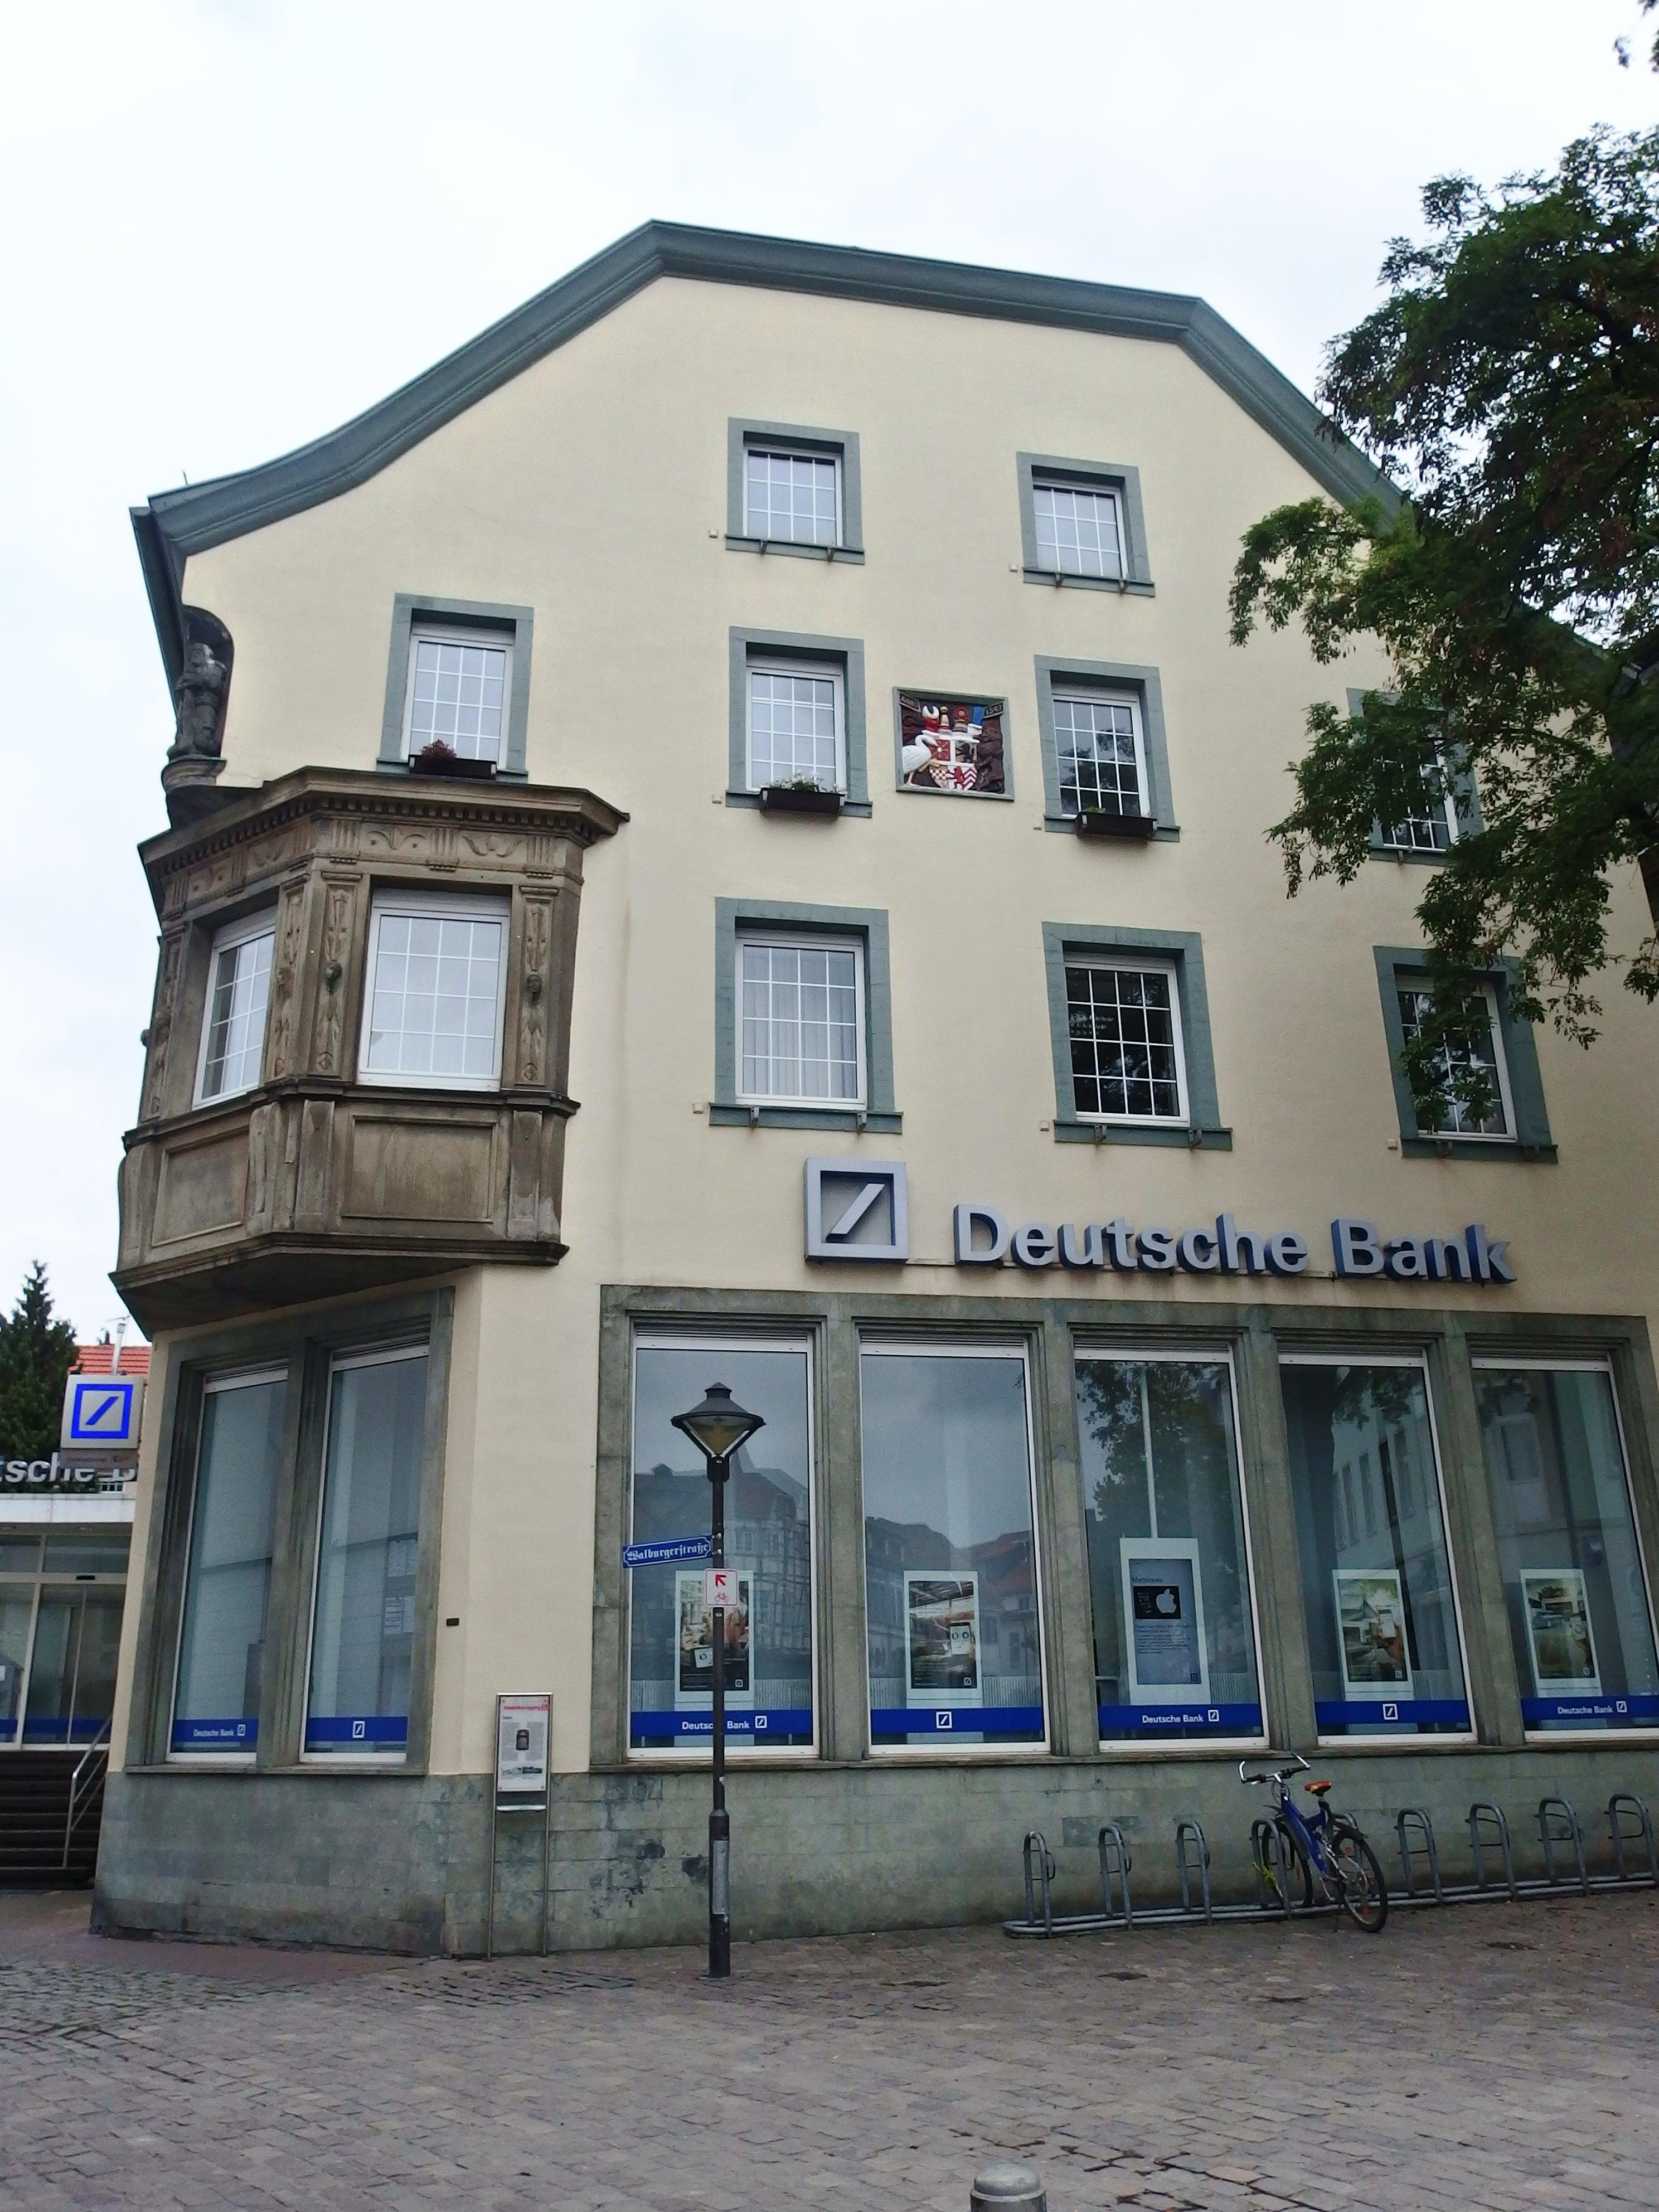 Deutsche Bank Soest